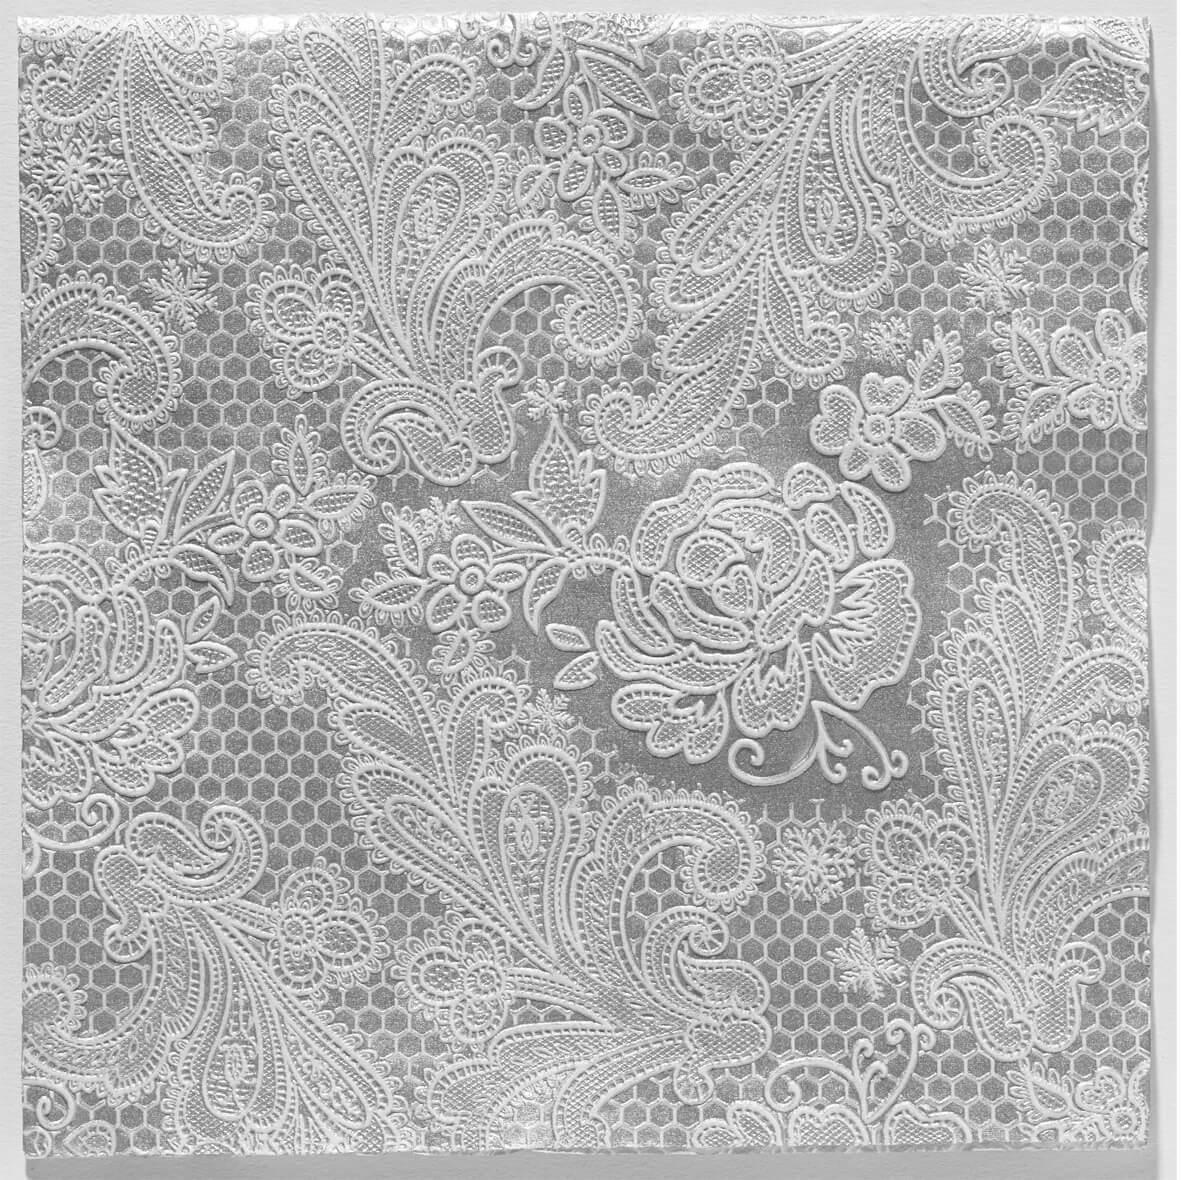 Reliéfne servítky s motívom čipky royal silver w. d1e646ea399